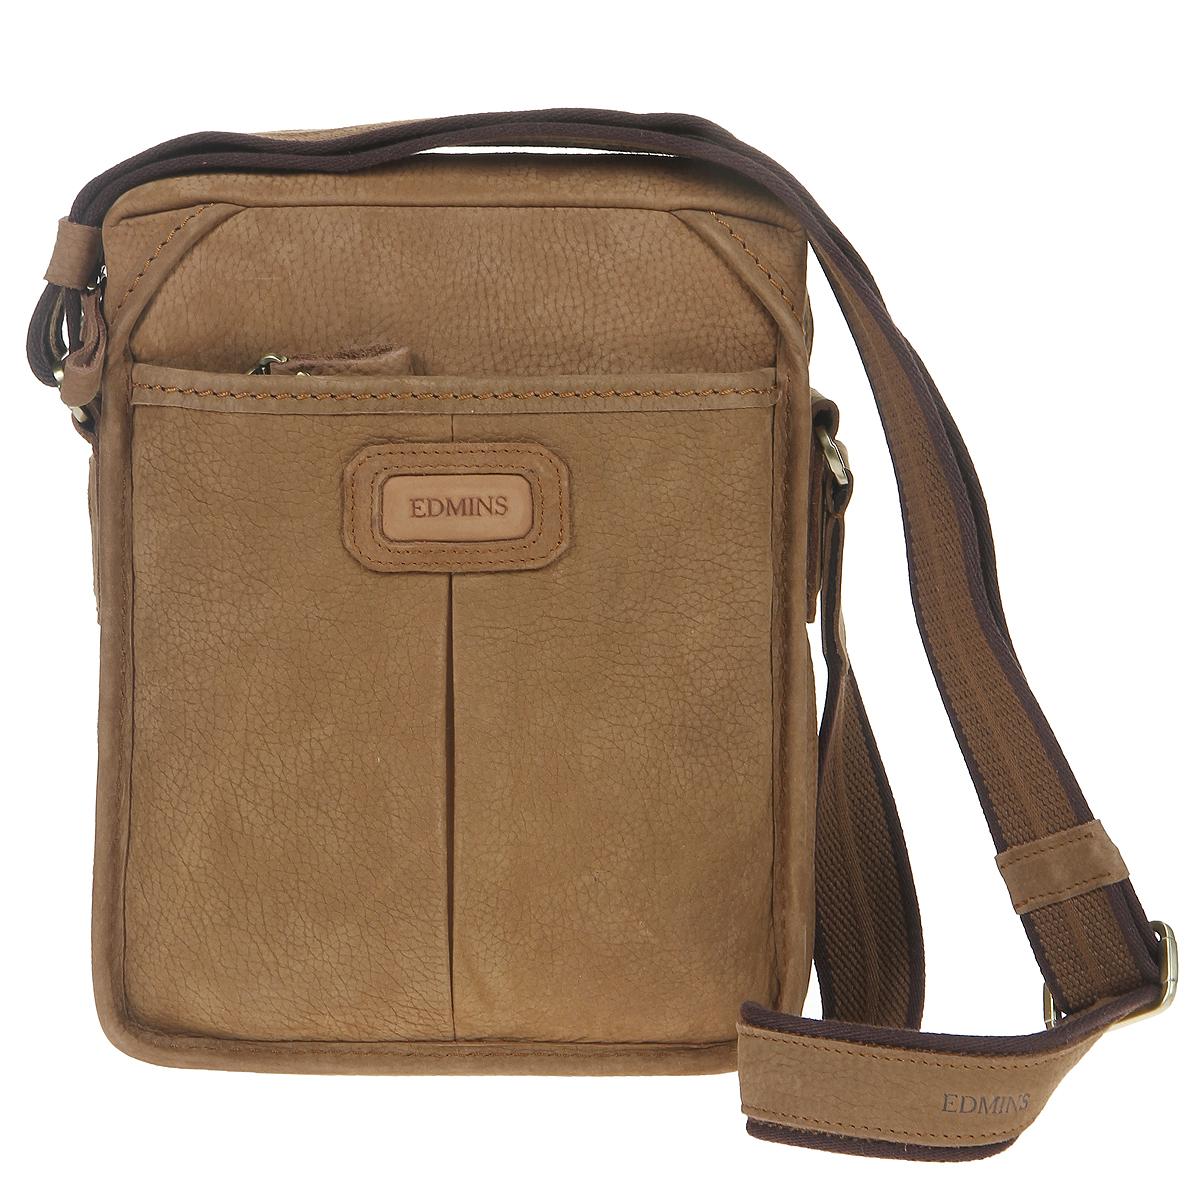 Сумка мужская Edmins, цвет: коричневый. 1045 V-4 SU d.brownS76245Стильная мужская сумка Edmins изготовлена из итальянской высококачественной натуральной кожи коричневого цвета, что гарантирует безупречный внешний вид и долговечность изделия. Кожа имеет матовую текстуру с естественной лицевой поверхностью. Сумка имеет одно основное отделение, которое закрывается на застежку-молнию. Внутри - два накладных кармашка, два фиксатора для ручки, вшитый карман на молнии и большой открытый карман. С передней стороны расположен дополнительный объемный карман на молнии, с задней стороны - карман на магнитной кнопке. Сумка оснащена плечевым ремнем регулируемой длины. Фурнитура - золотистого цвета. С такой сумкой из деловой линии Edmins вы всегда будете чувствовать себя модно, уверенно и элегантно. Характеристики:Материал: натуральная кожа, текстиль, металл. Цвет: коричневый. Размер сумки (ДхШхВ): 21 см х 8,5 см х 26 см. Длина плечевого ремня: 120 см. Размер упаковки: 33 см х 32 см х 12 см. Артикул: 1045 V-4 SU d.brown.